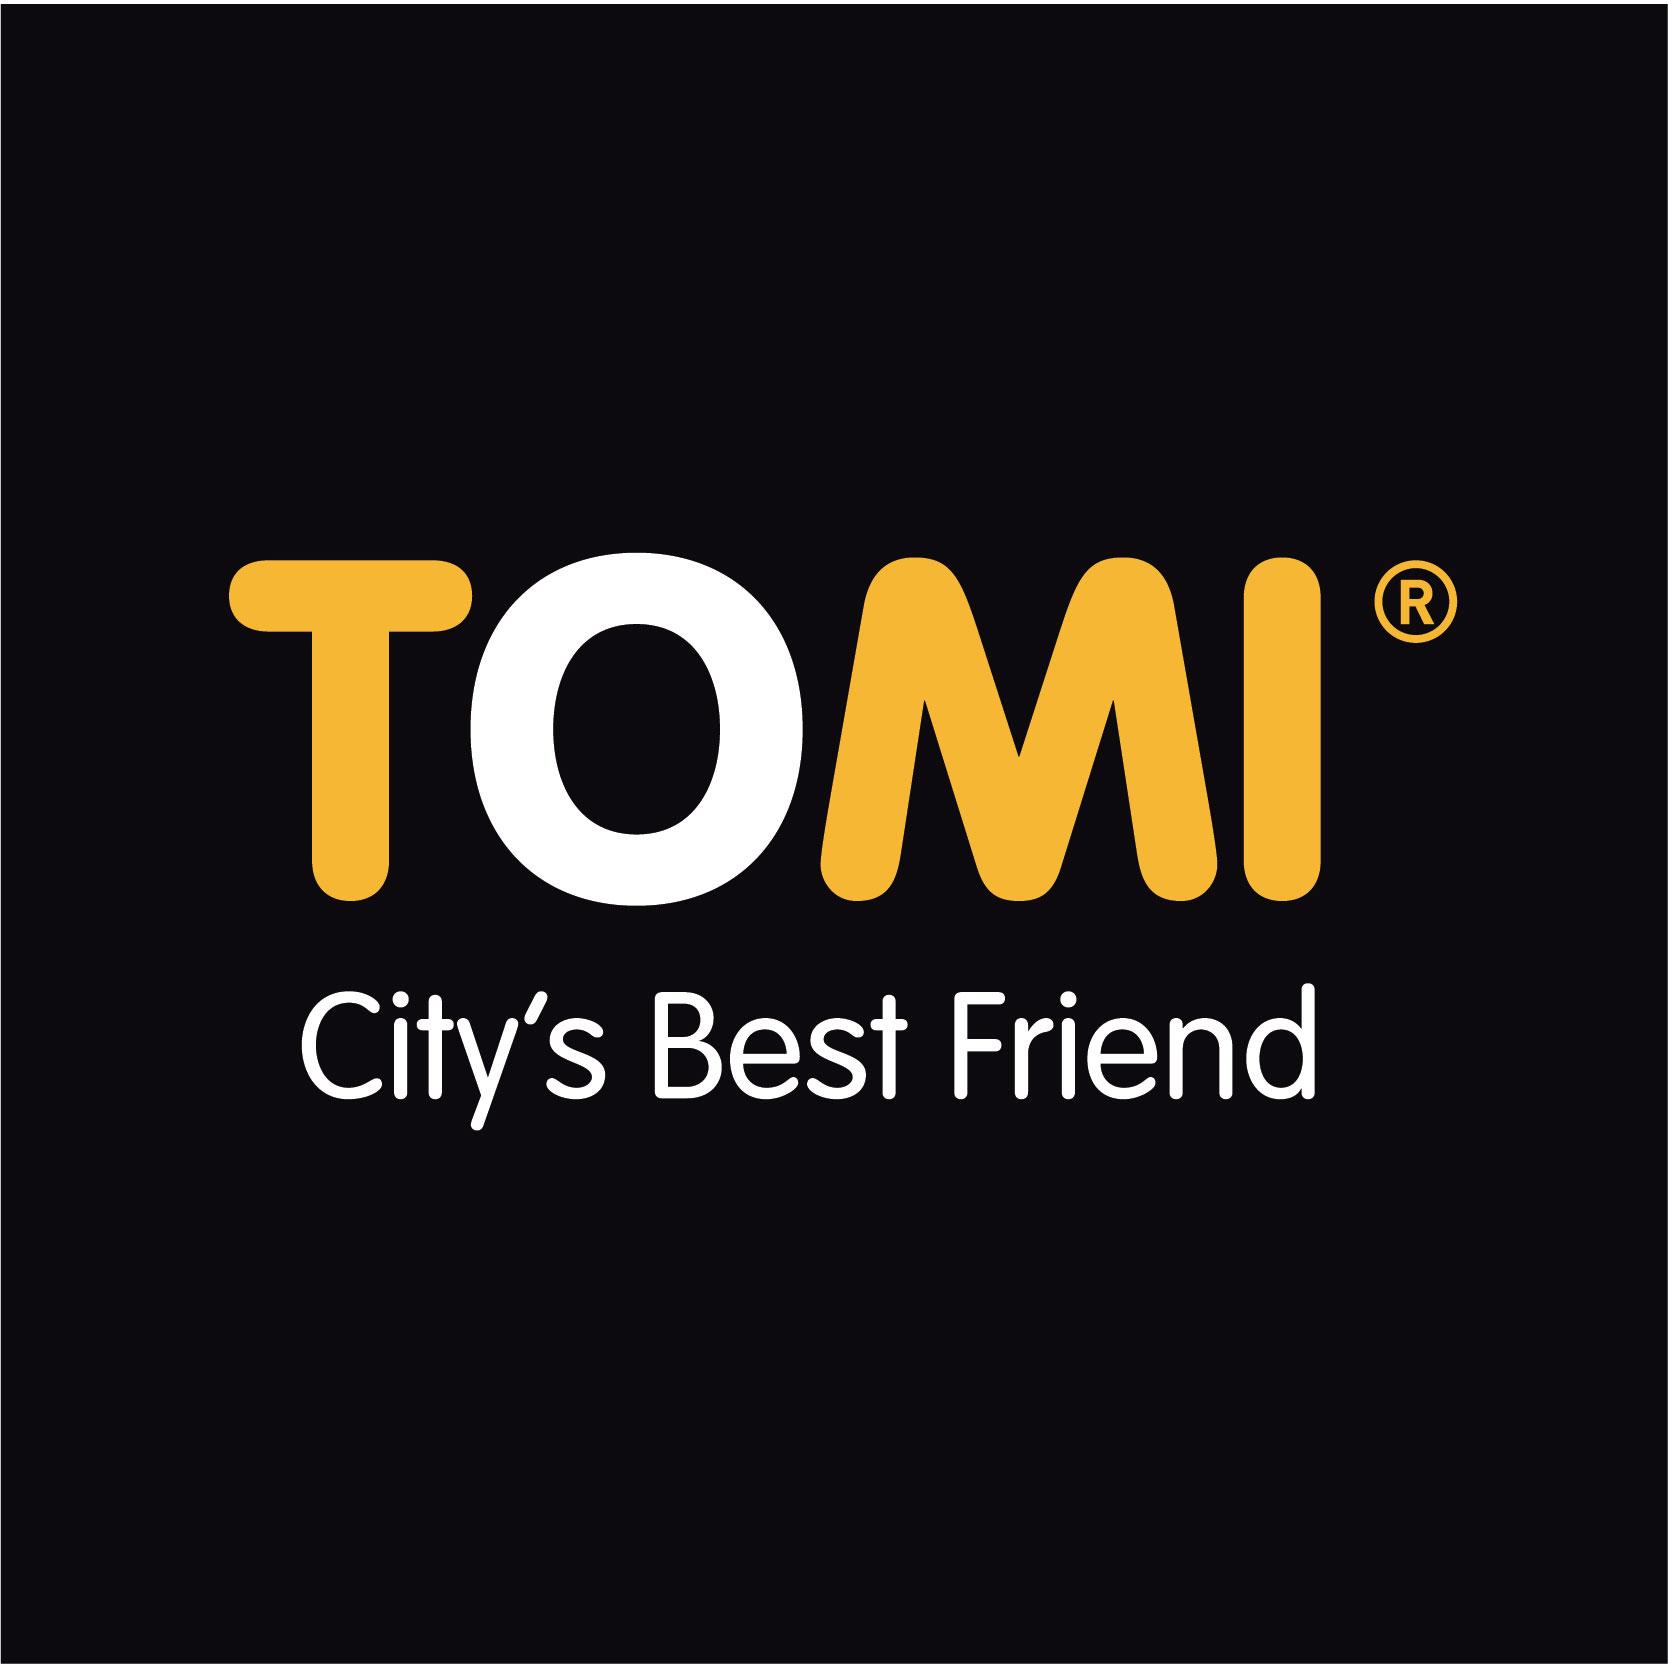 Logotipo_tomi_preto